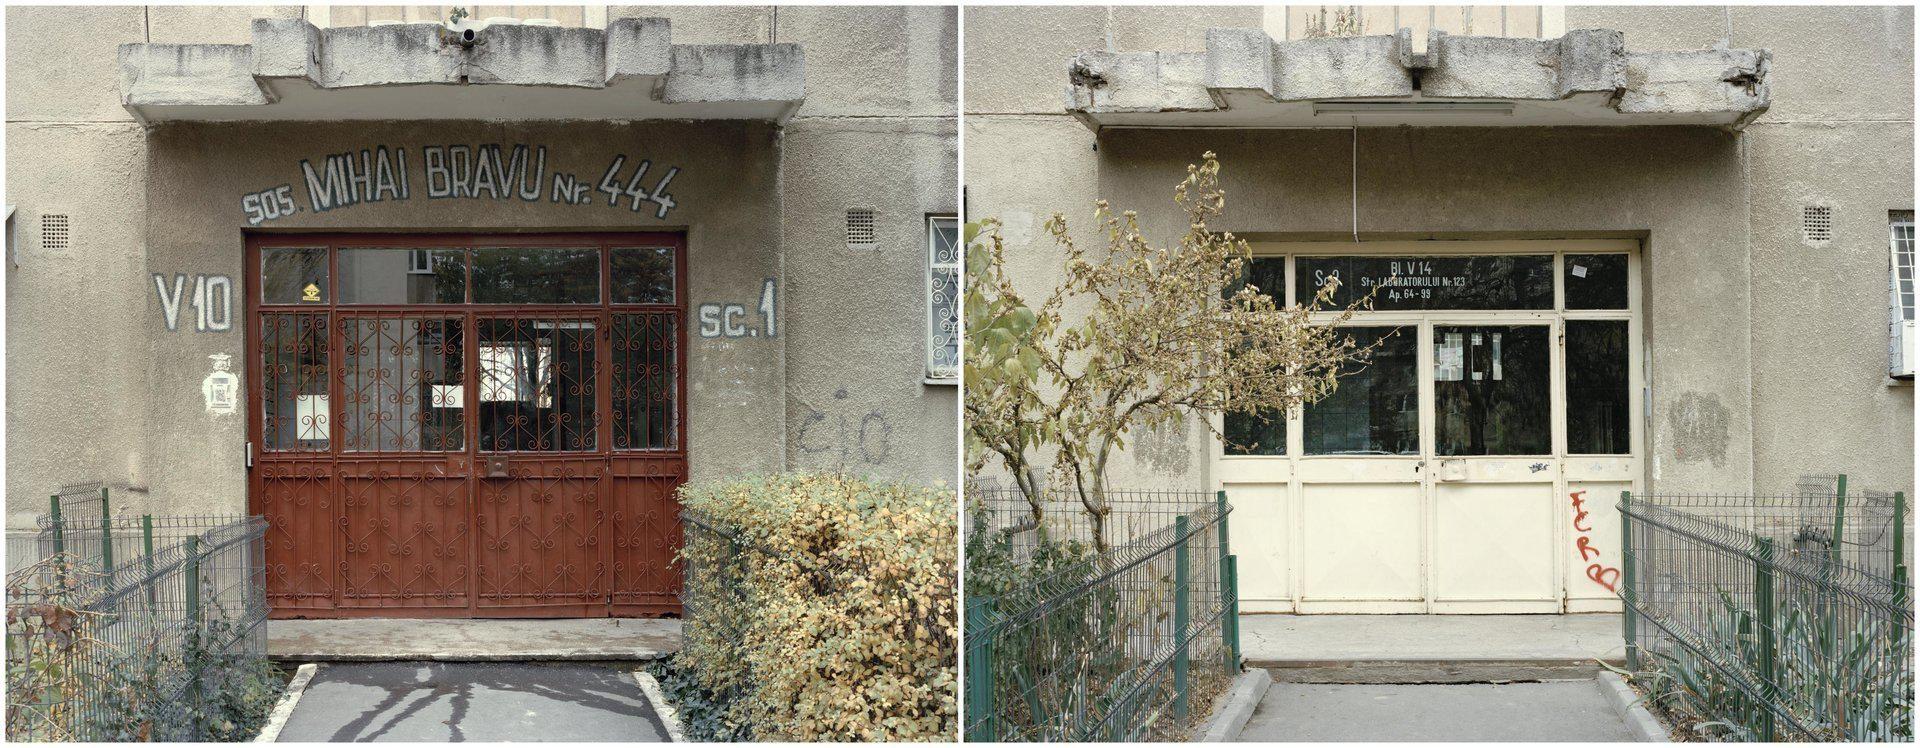 Mircea Nicolae, Metal Doors #3, 2012